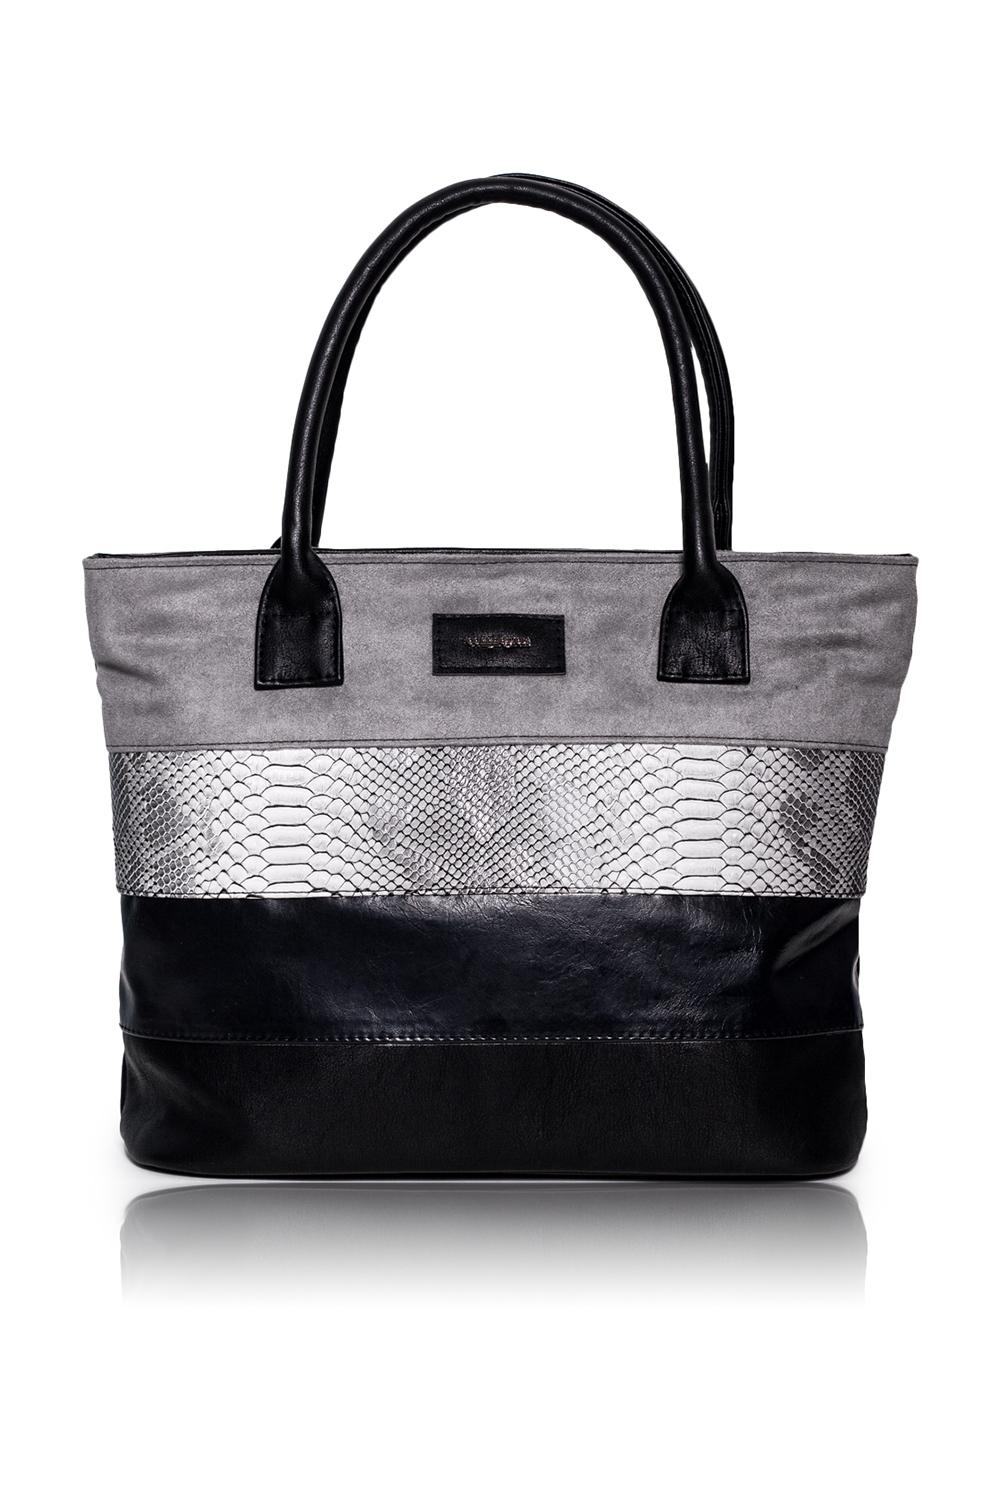 СумкаСумки-шоппинг<br>Женские сумки бренда DINESSI - это стильные аксессуары, которые по достоинству оценят представительницы прекрасного пола.  Сумка - шоппинг с застежкой на молнию и двумя ручками. На задней части сумки карман на молнии. Внутри два накладных кармана и карман на молнии.   В изделии использованы цвета: черный, серый.  Размеры: Высота - 28,5 ± 1 см Длина - 39 ± 1 см Глубина - 11 ± 1 см<br><br>Отделения: 1 отделение<br>По материалу: Замша,Искусственная кожа<br>По размеру: Крупные<br>По рисунку: В полоску,Цветные<br>По силуэту стенок: Прямоугольные<br>По способу ношения: В руках,На плечо<br>По степени жесткости: Мягкие<br>По типу застежки: С застежкой молнией<br>По элементам: Карман на молнии,Карман под телефон<br>Ручки: Короткие<br>Размер : UNI<br>Материал: Искусственная кожа + Искусственная замша<br>Количество в наличии: 1